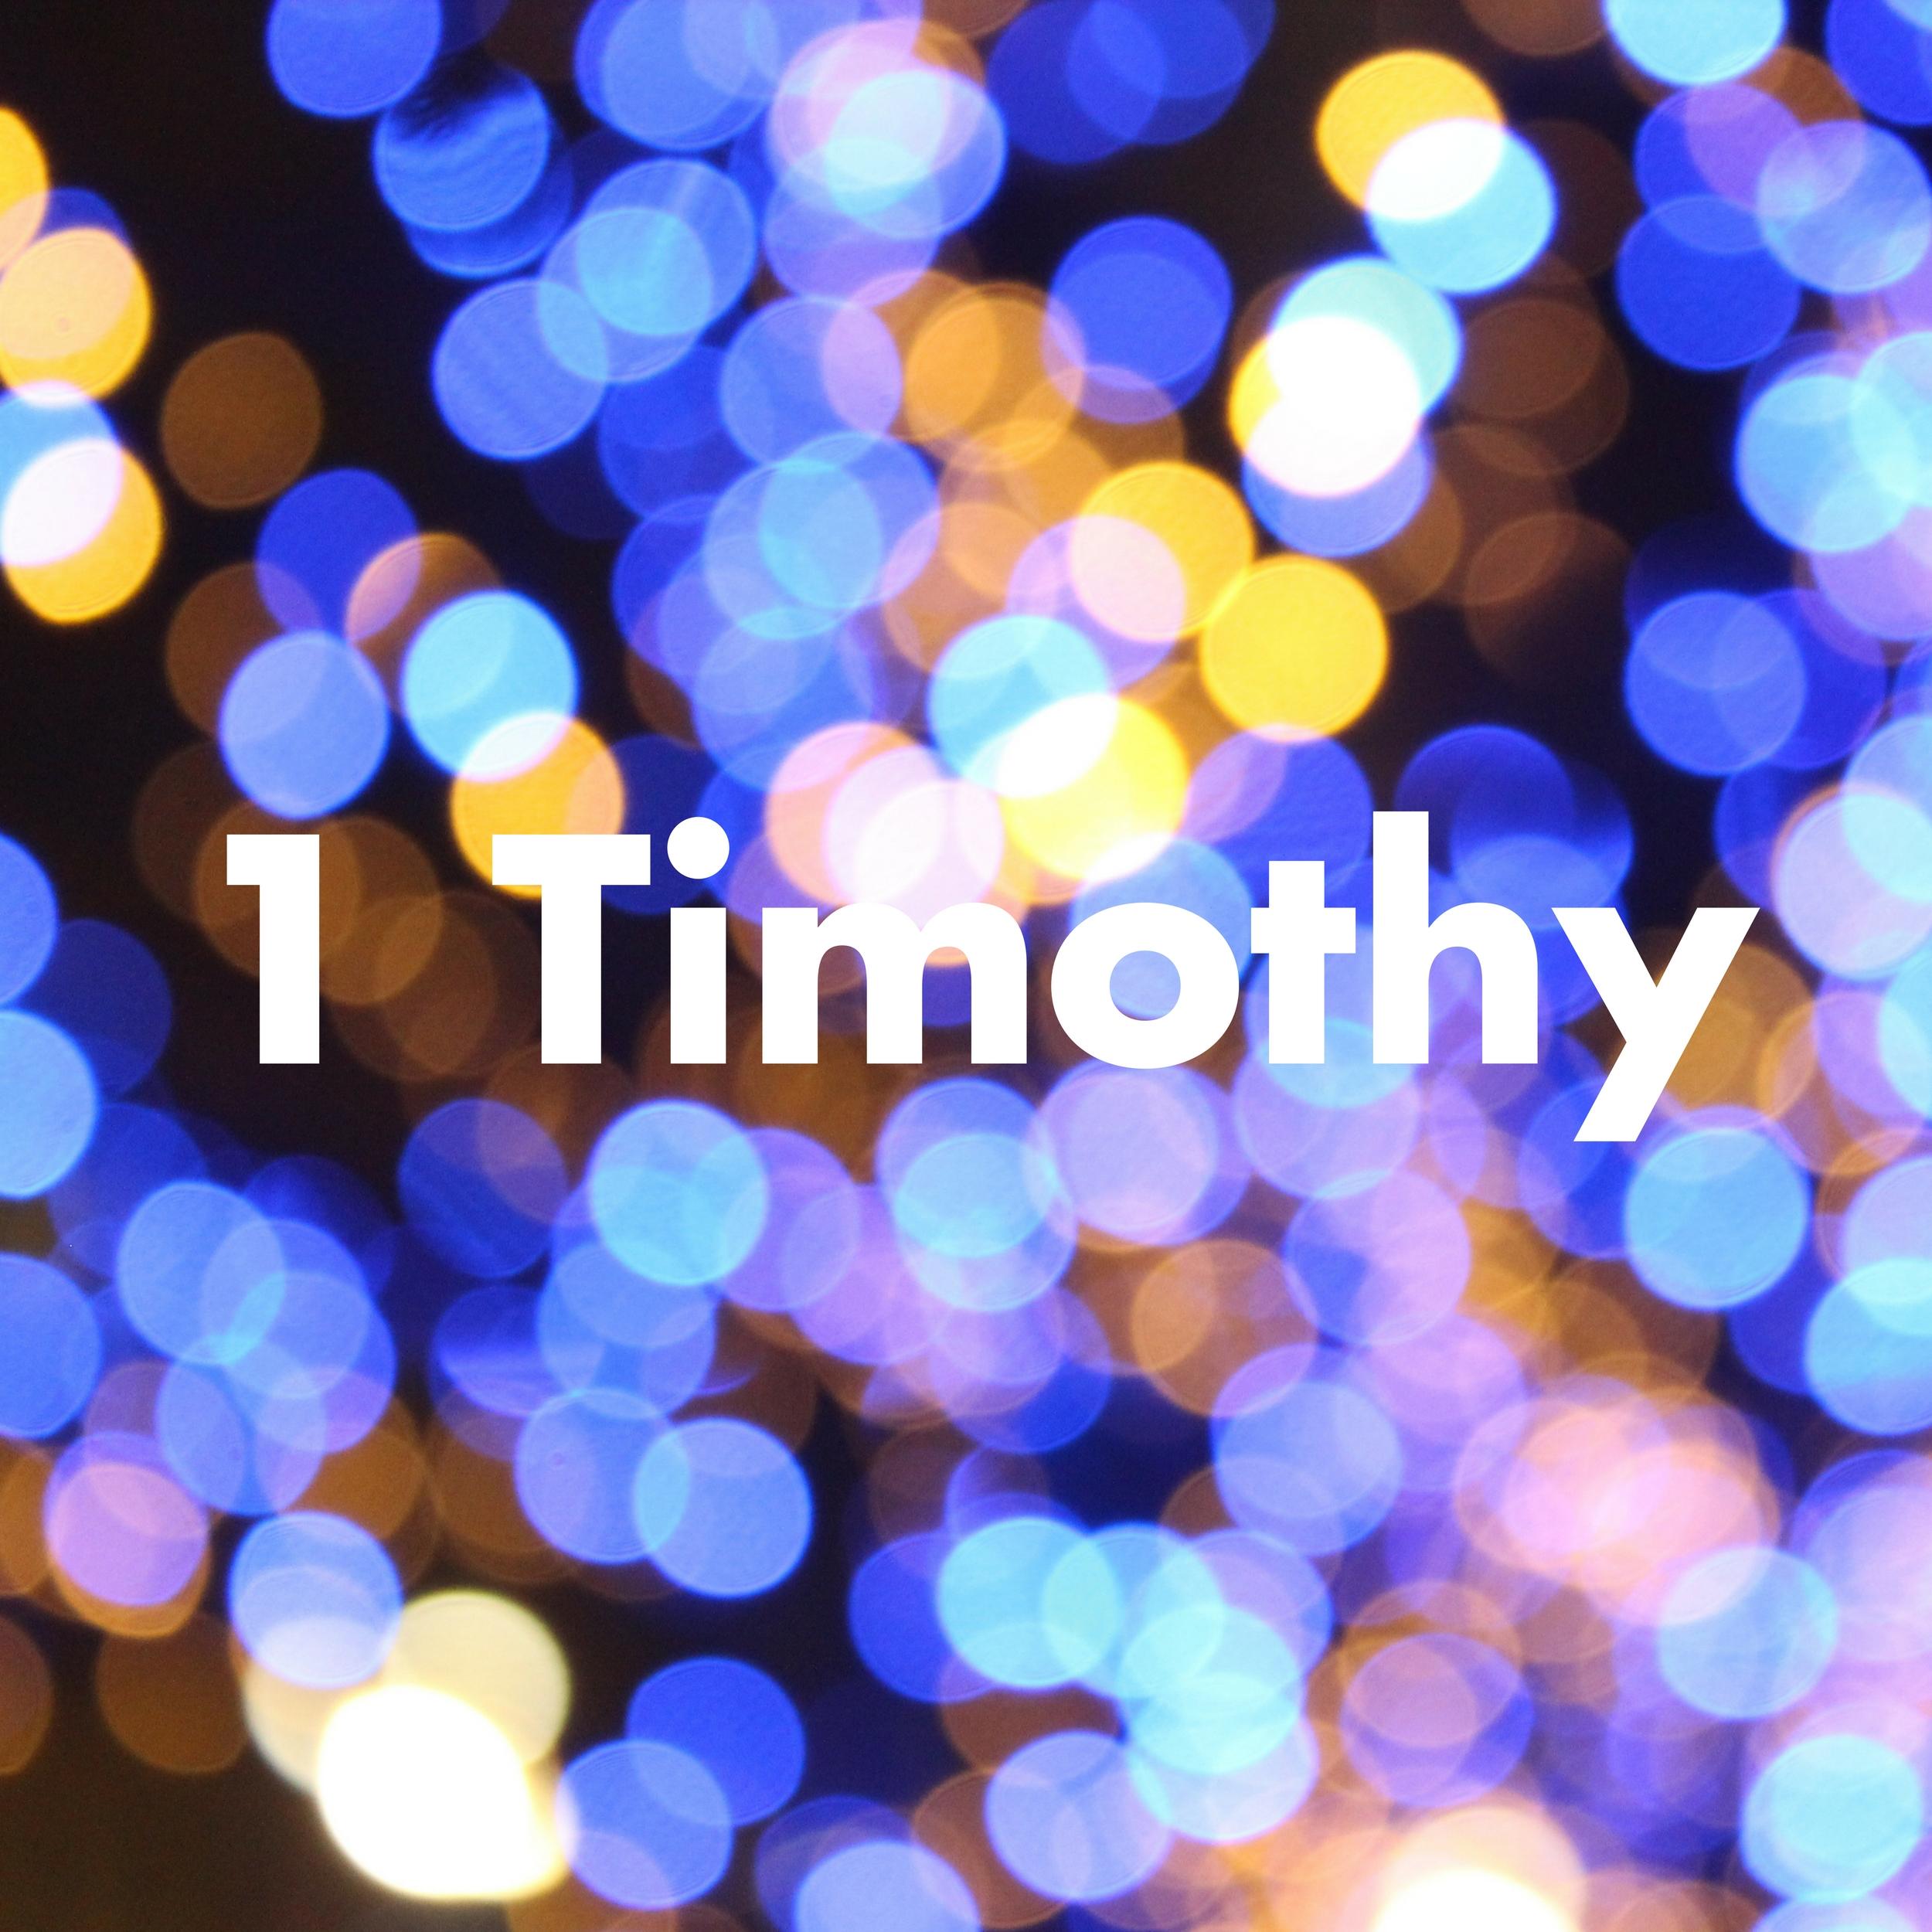 1 Timothy.jpg